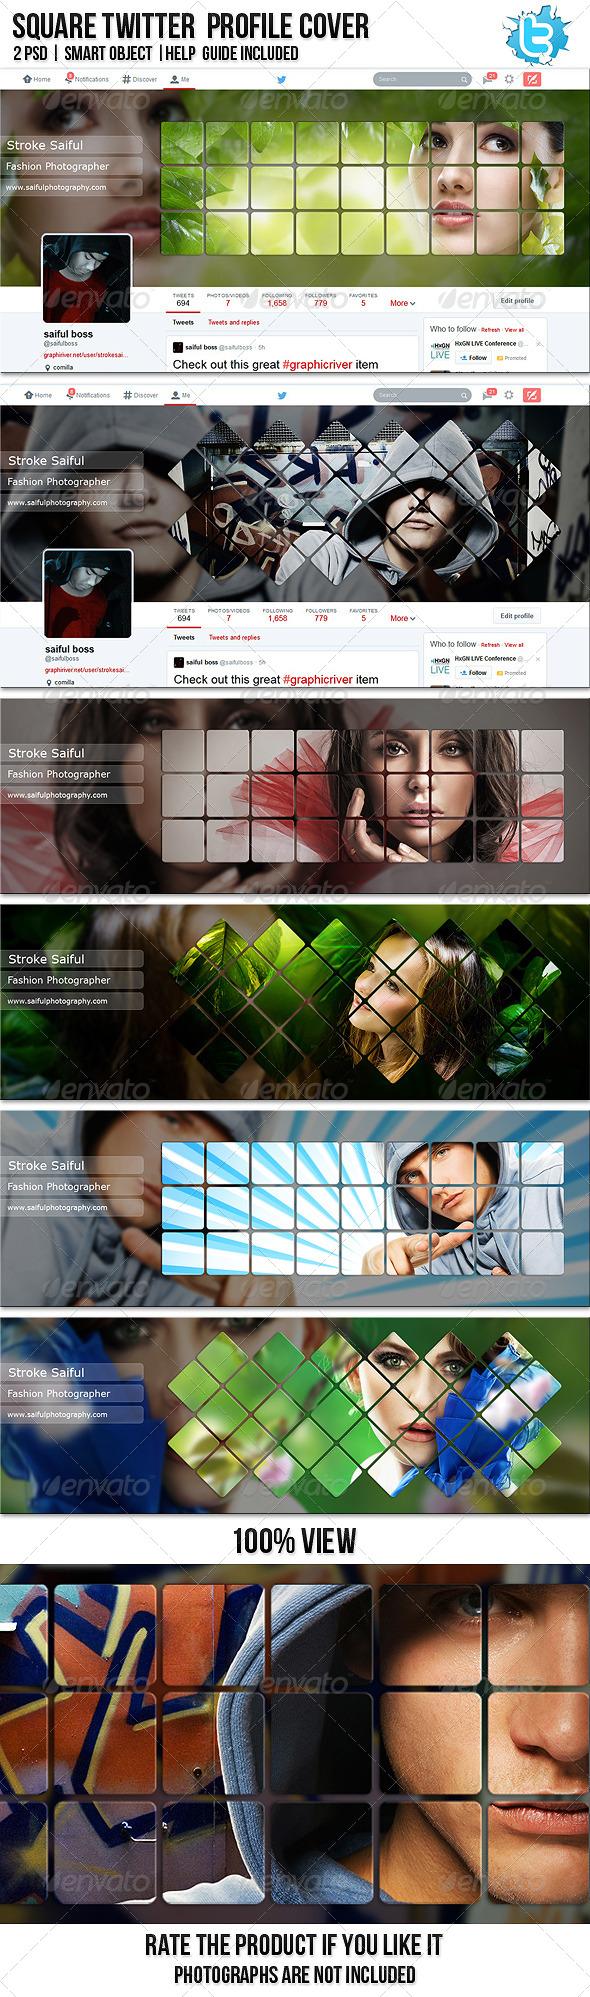 GraphicRiver Square Twitter Profile Cover 7707847